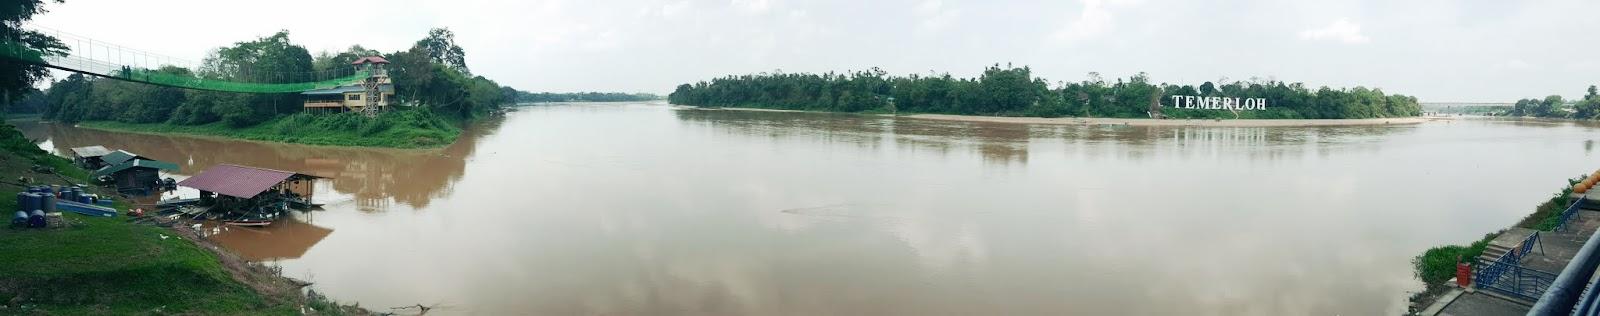 Sungai Semantan dan Sungai Pahang